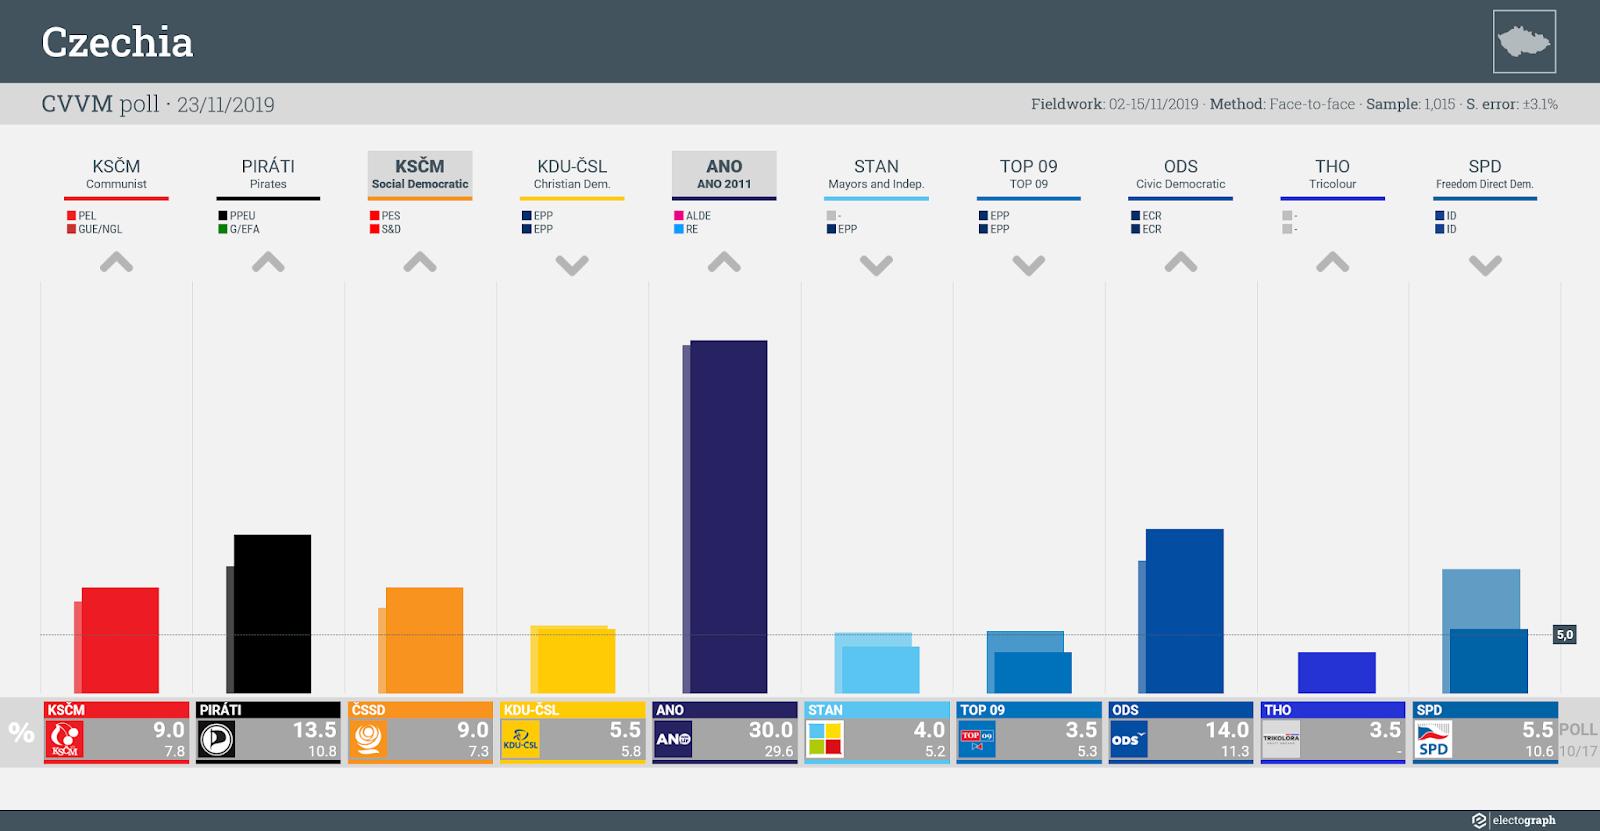 CZECHIA: CVVM poll chart, 23 November 2019